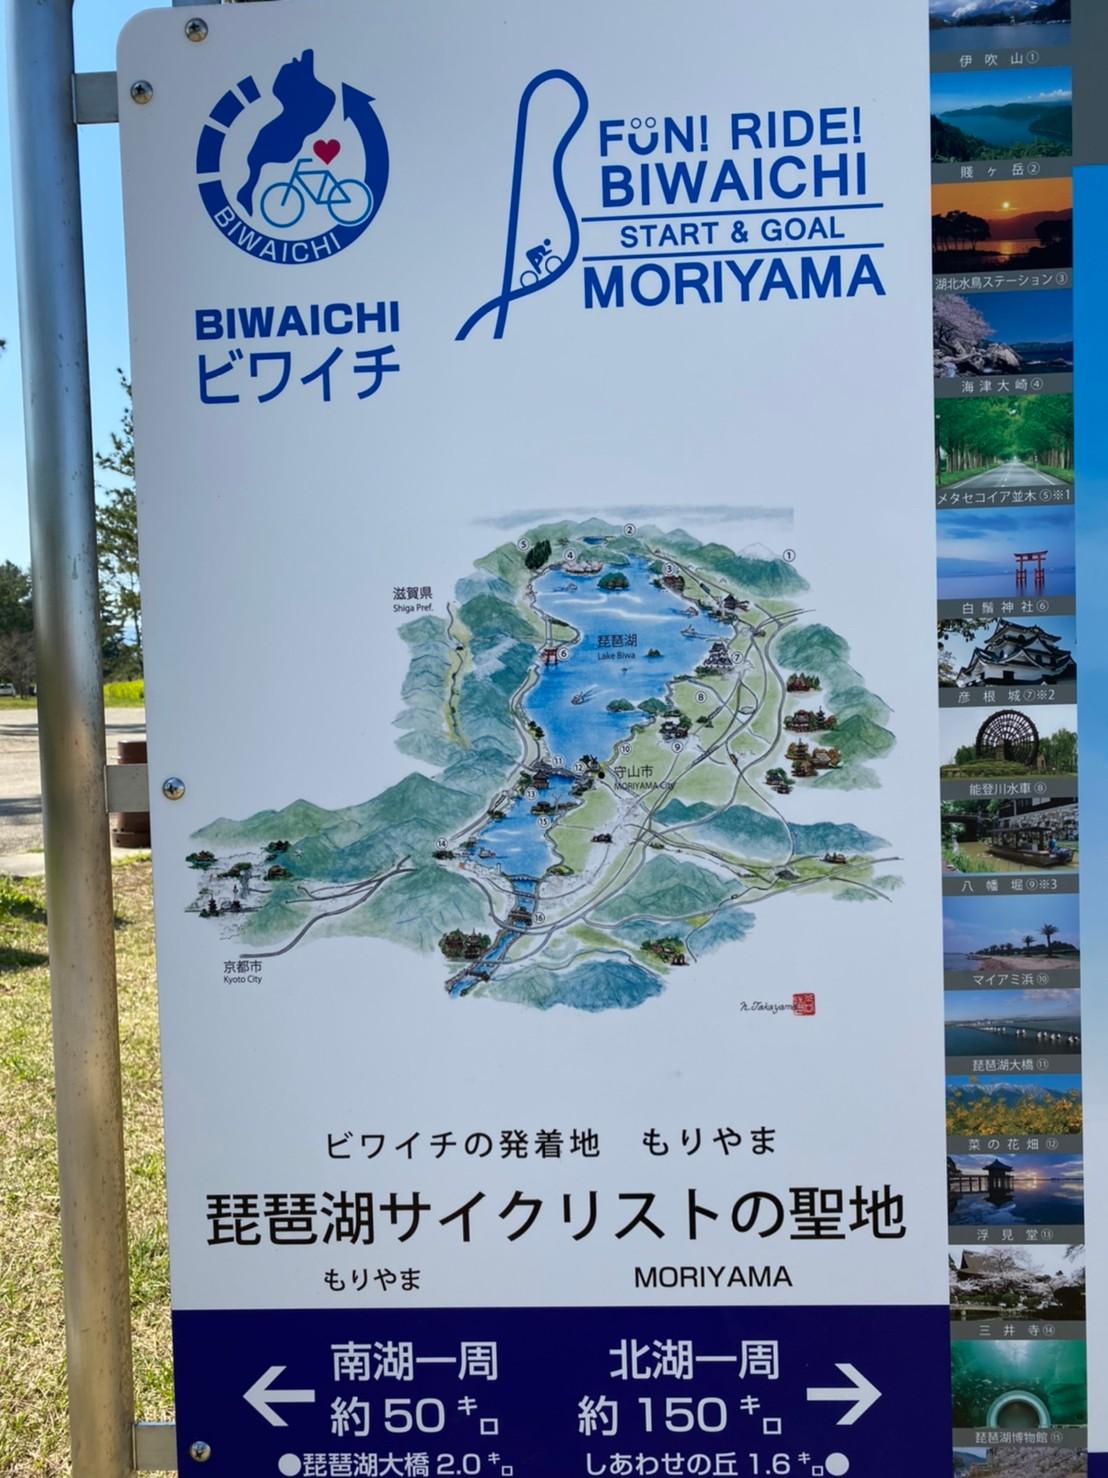 【守山市】『なぎさ公園・湖岸緑地 野洲川河口』のアウトドア情報